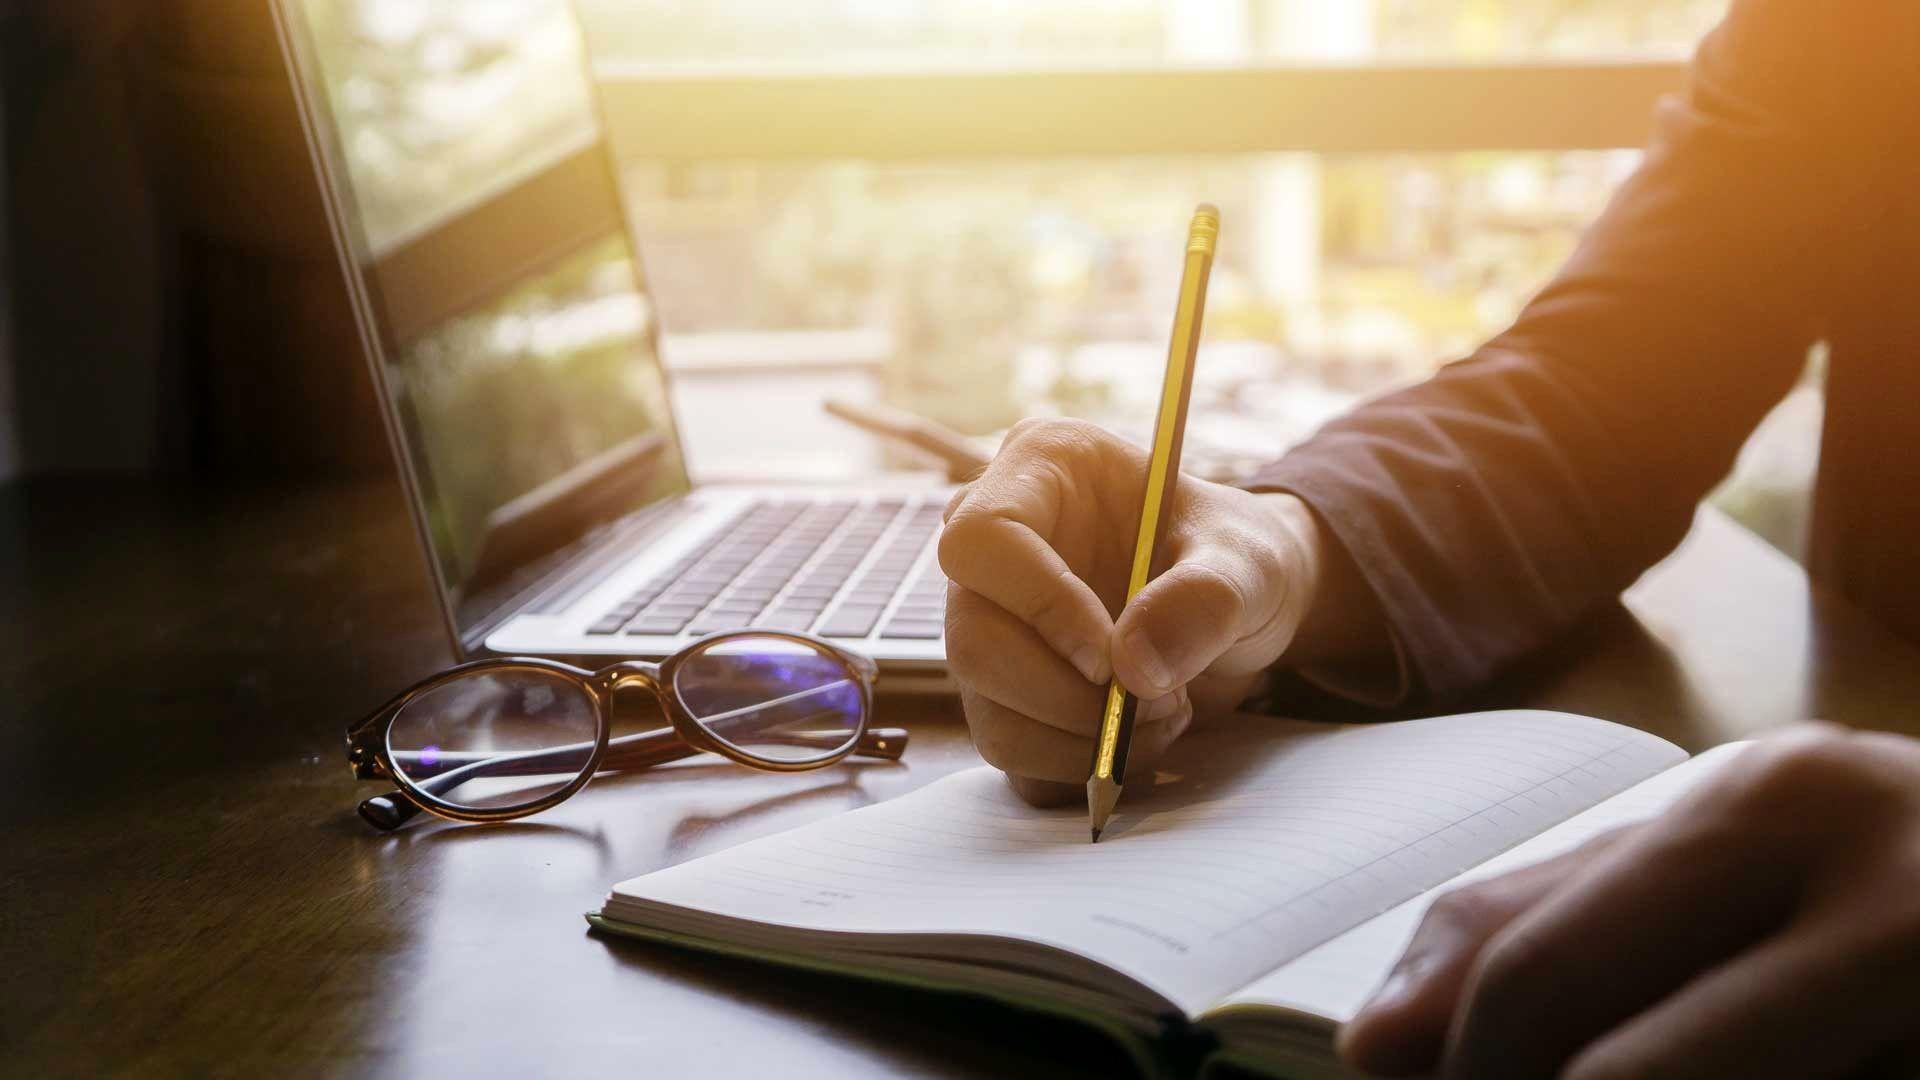 چهار اشتباه رایج که نویسندگان مرتکب میشوند